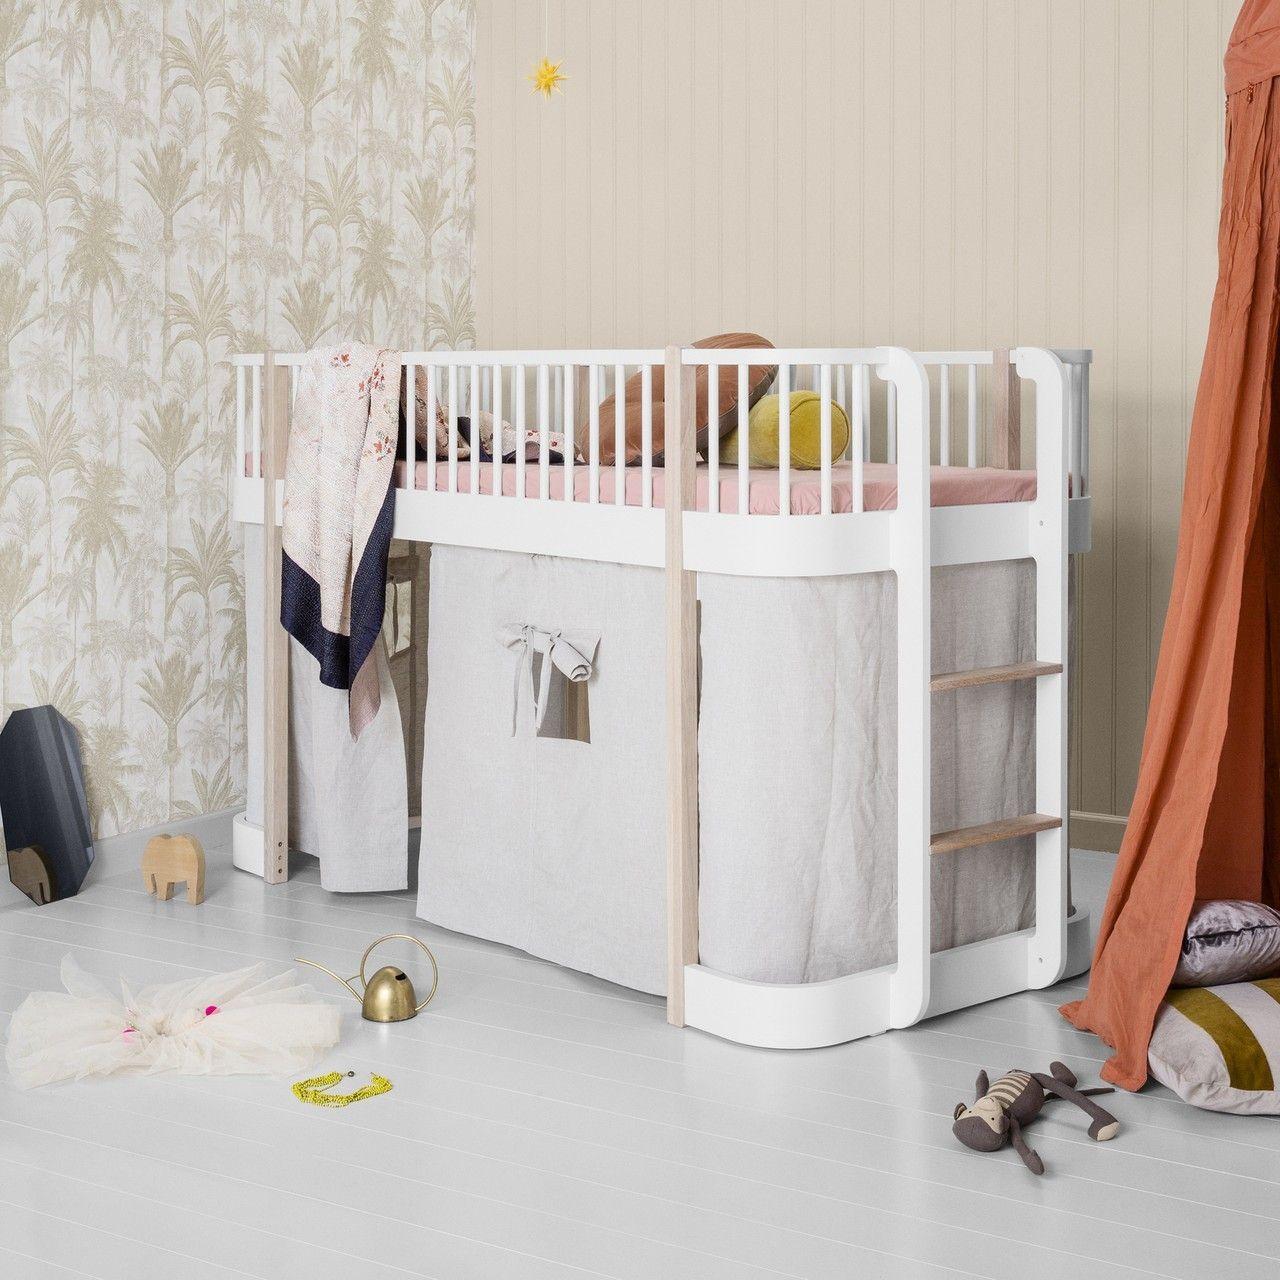 Full Size of Oliver Furniture Vorhang Fr Halbhohes Hochbett Wood Natur Bett Wohnzimmer Halbhohes Hochbett